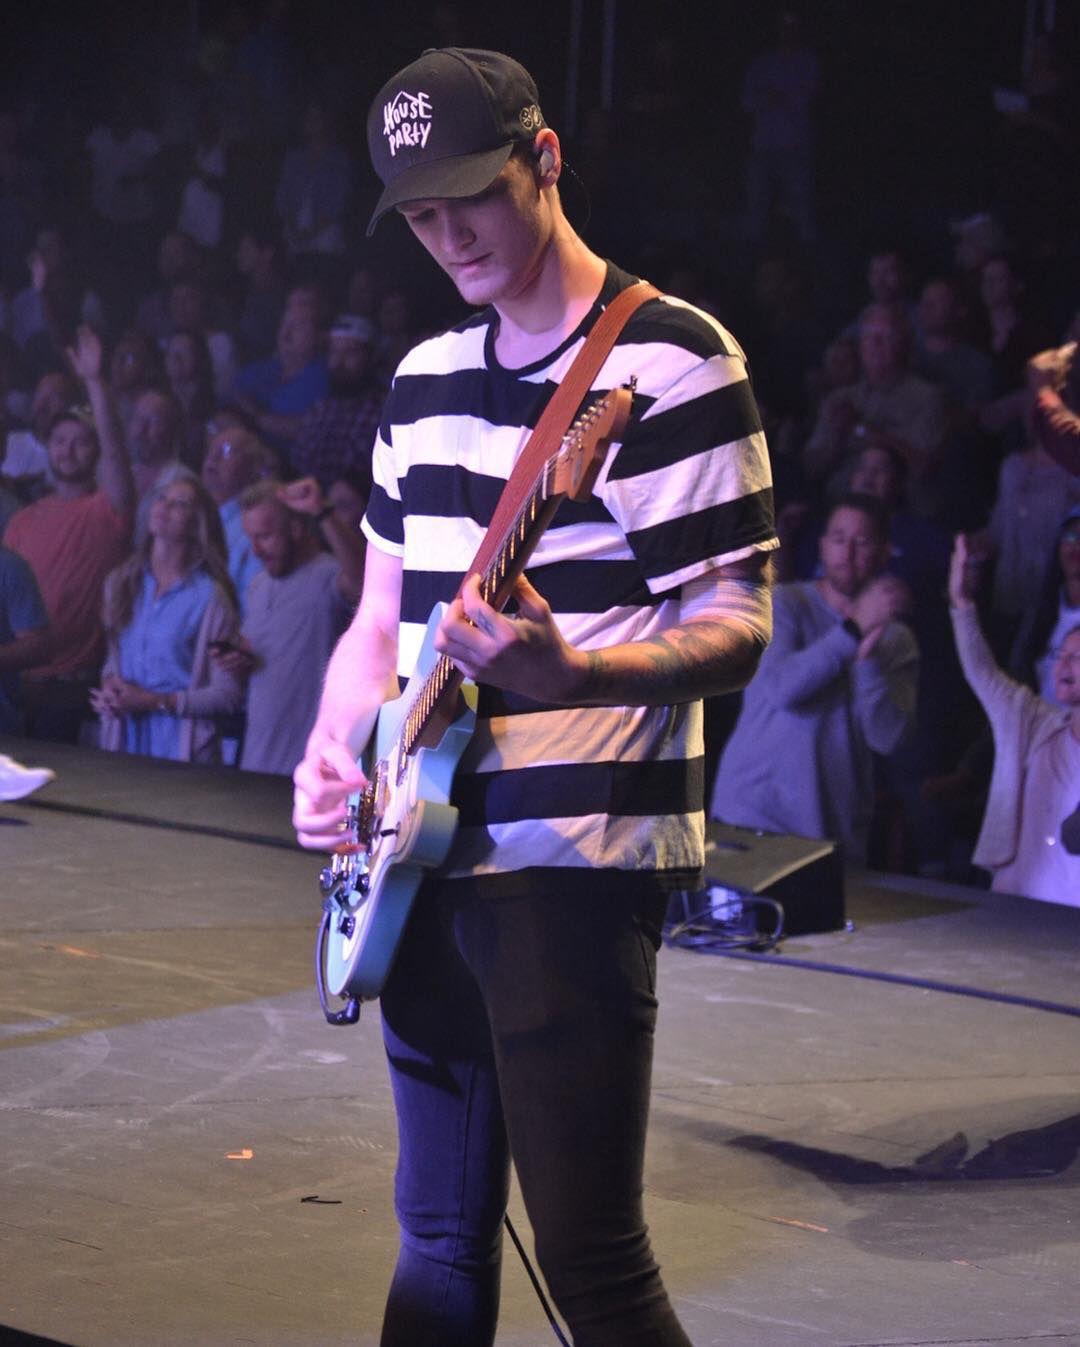 Marshall and guitar